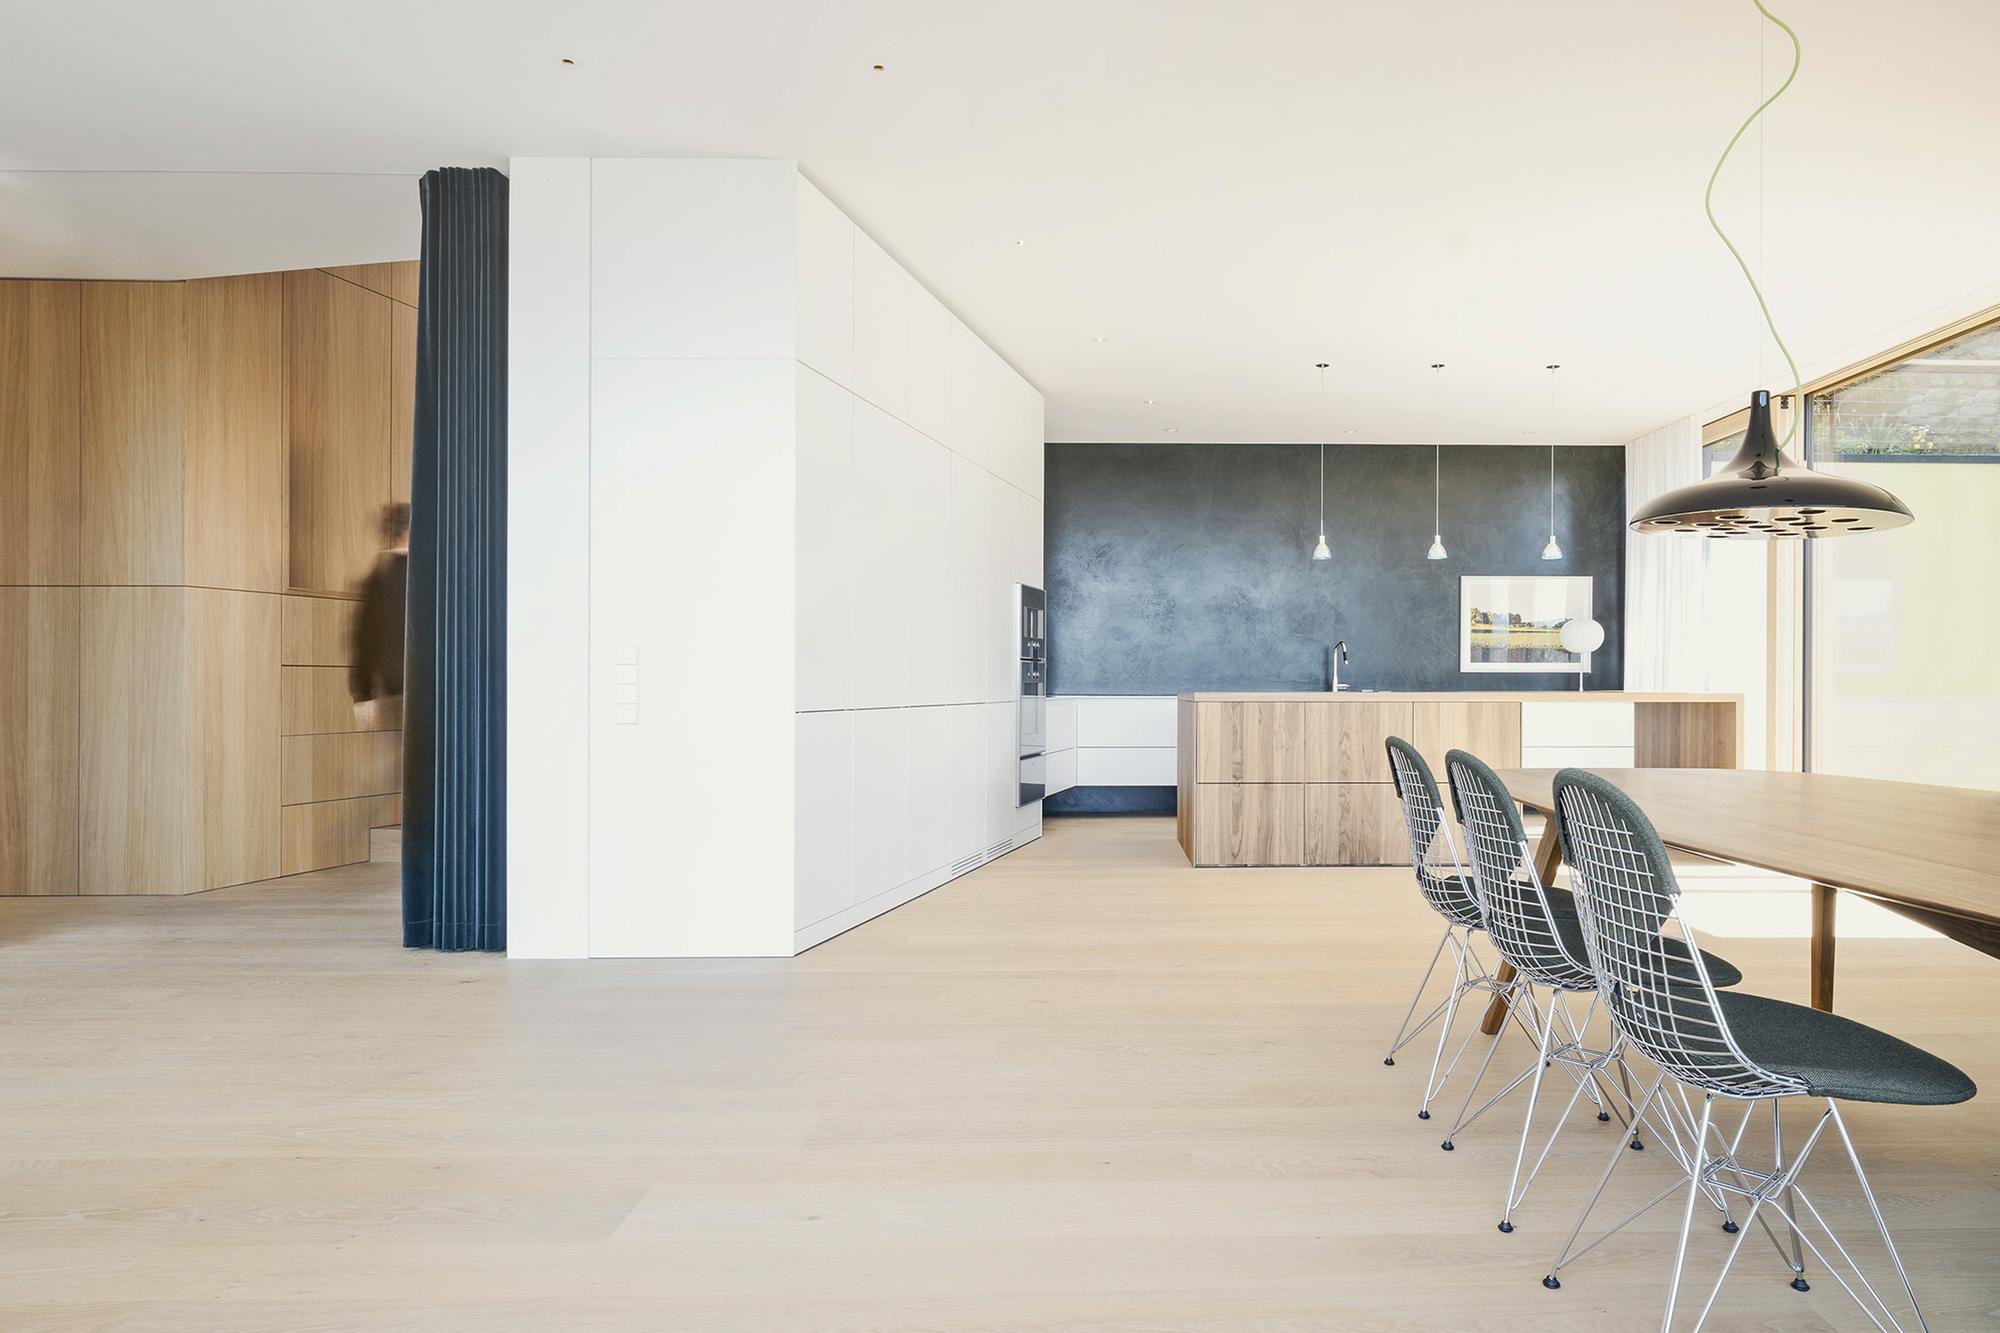 Galer a de haus b yonder architektur und design 8 for Architektur und design